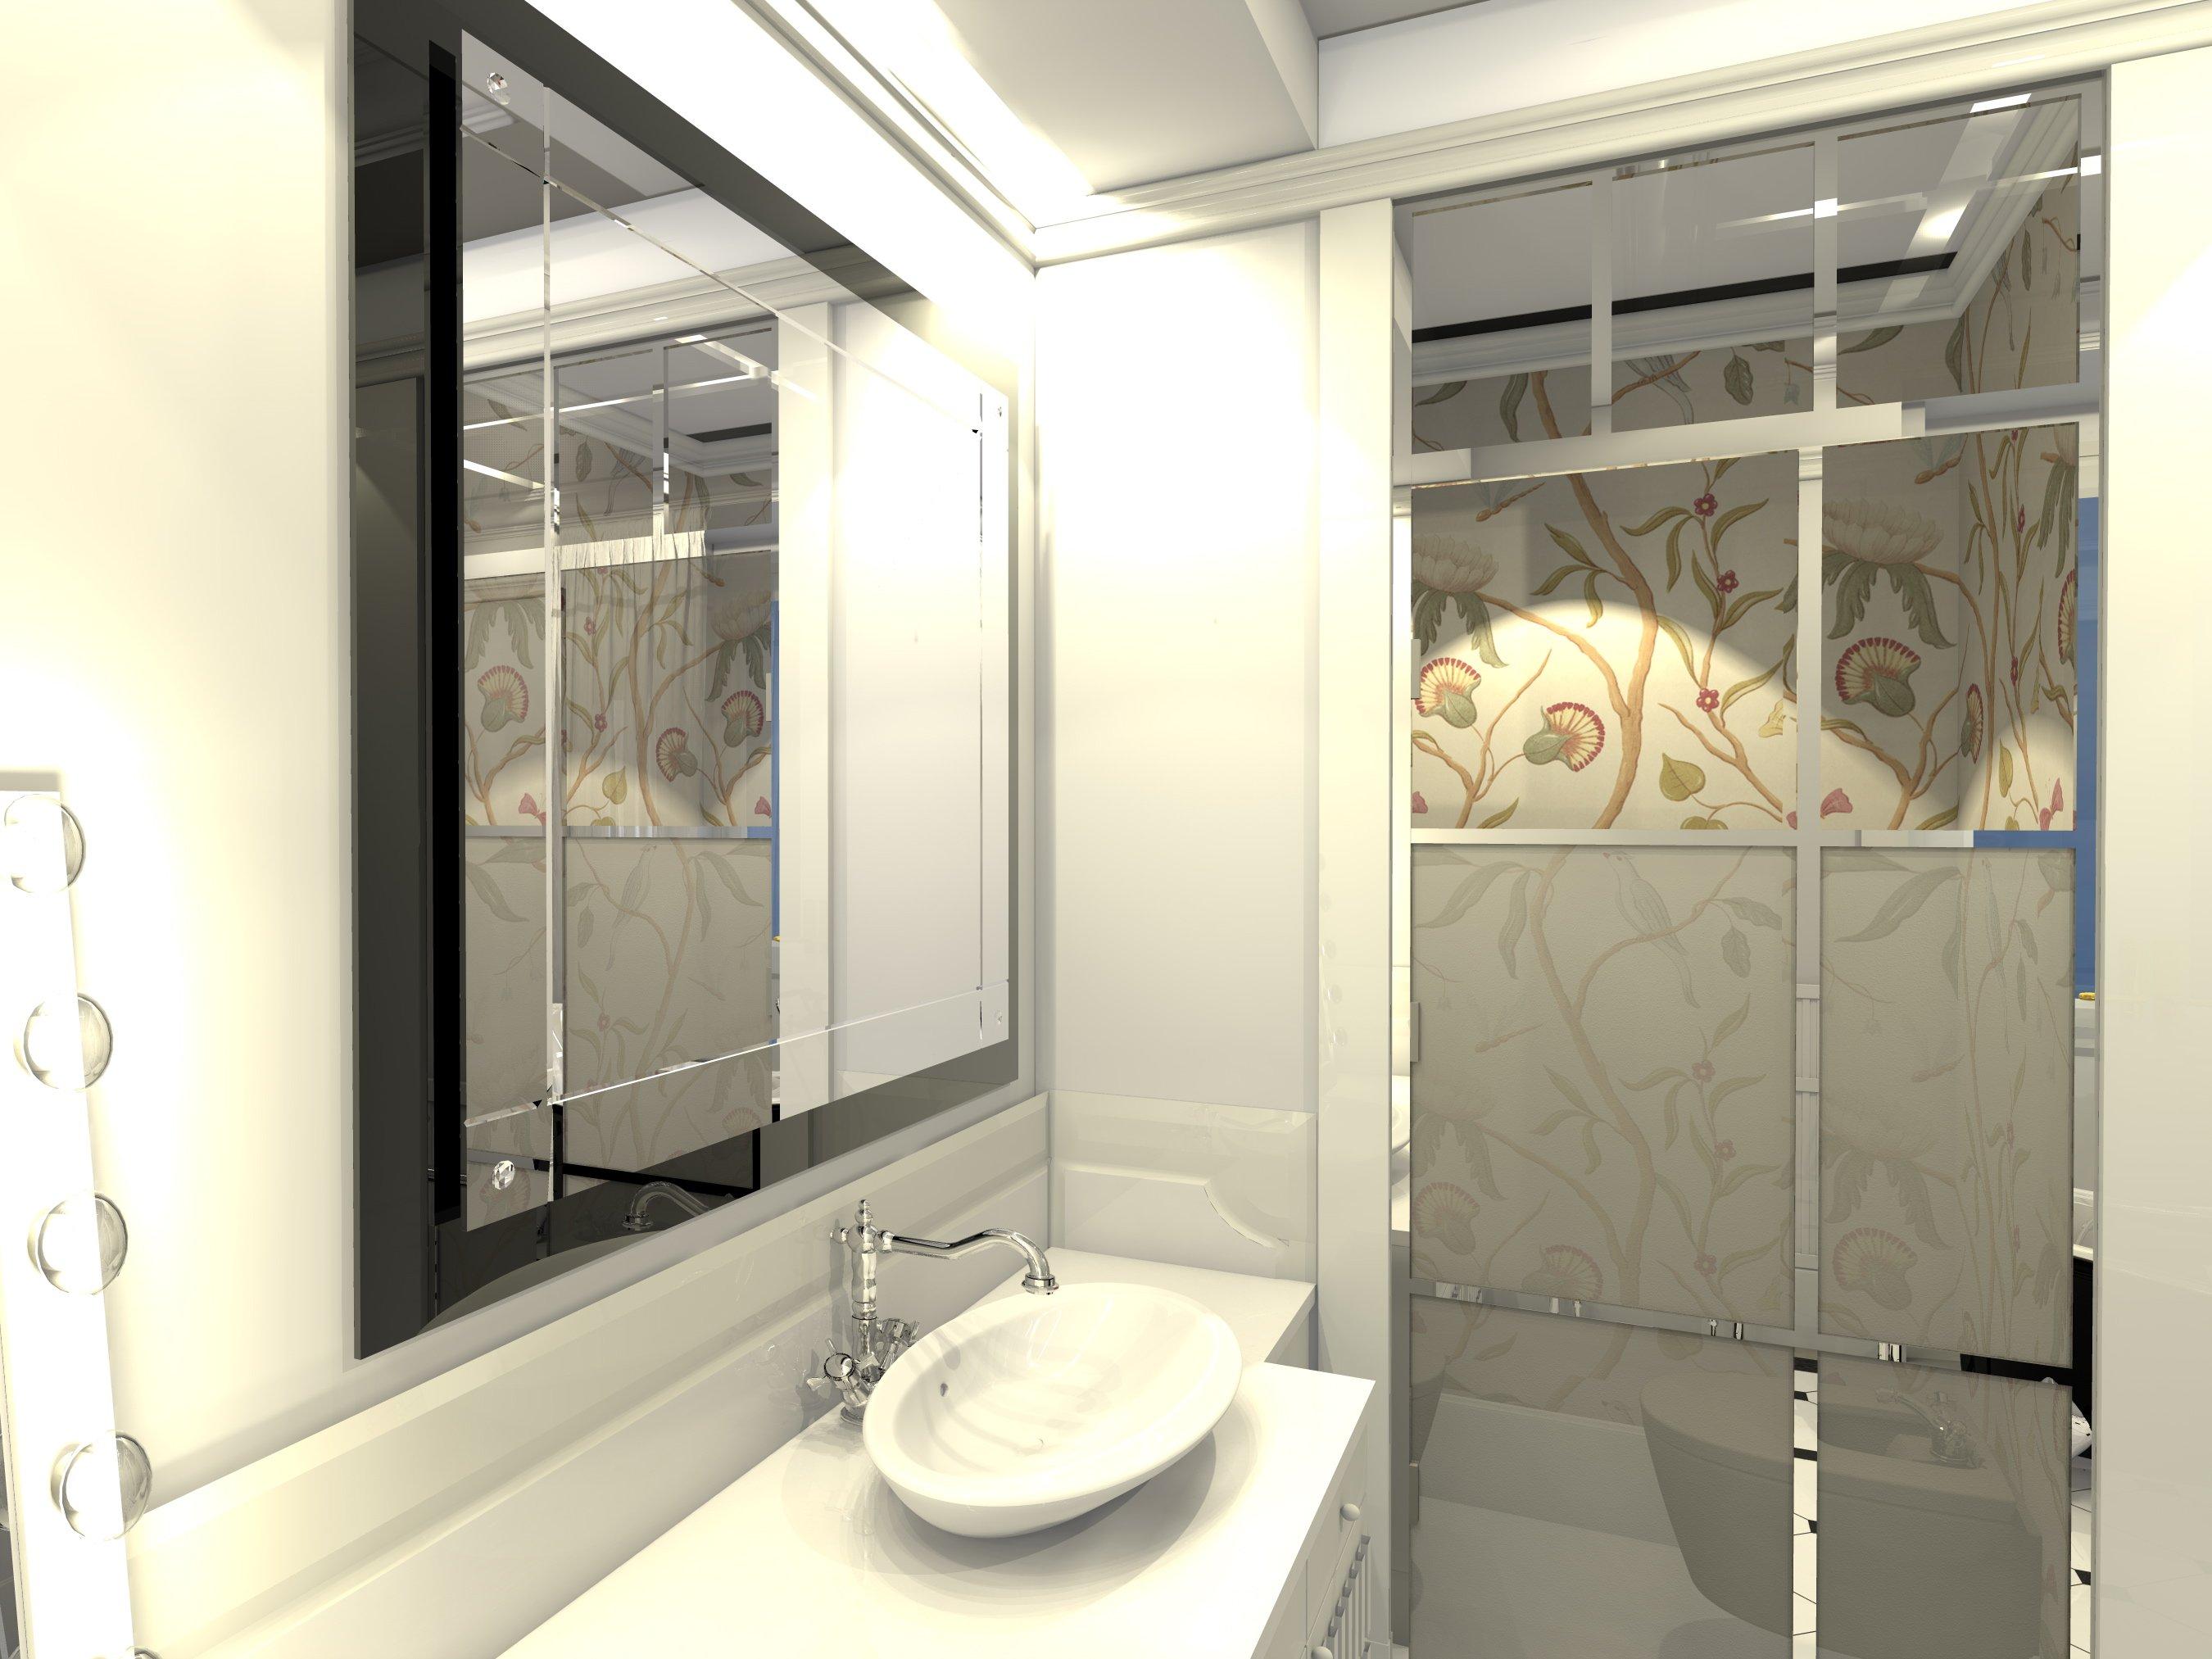 Baño Sra 5